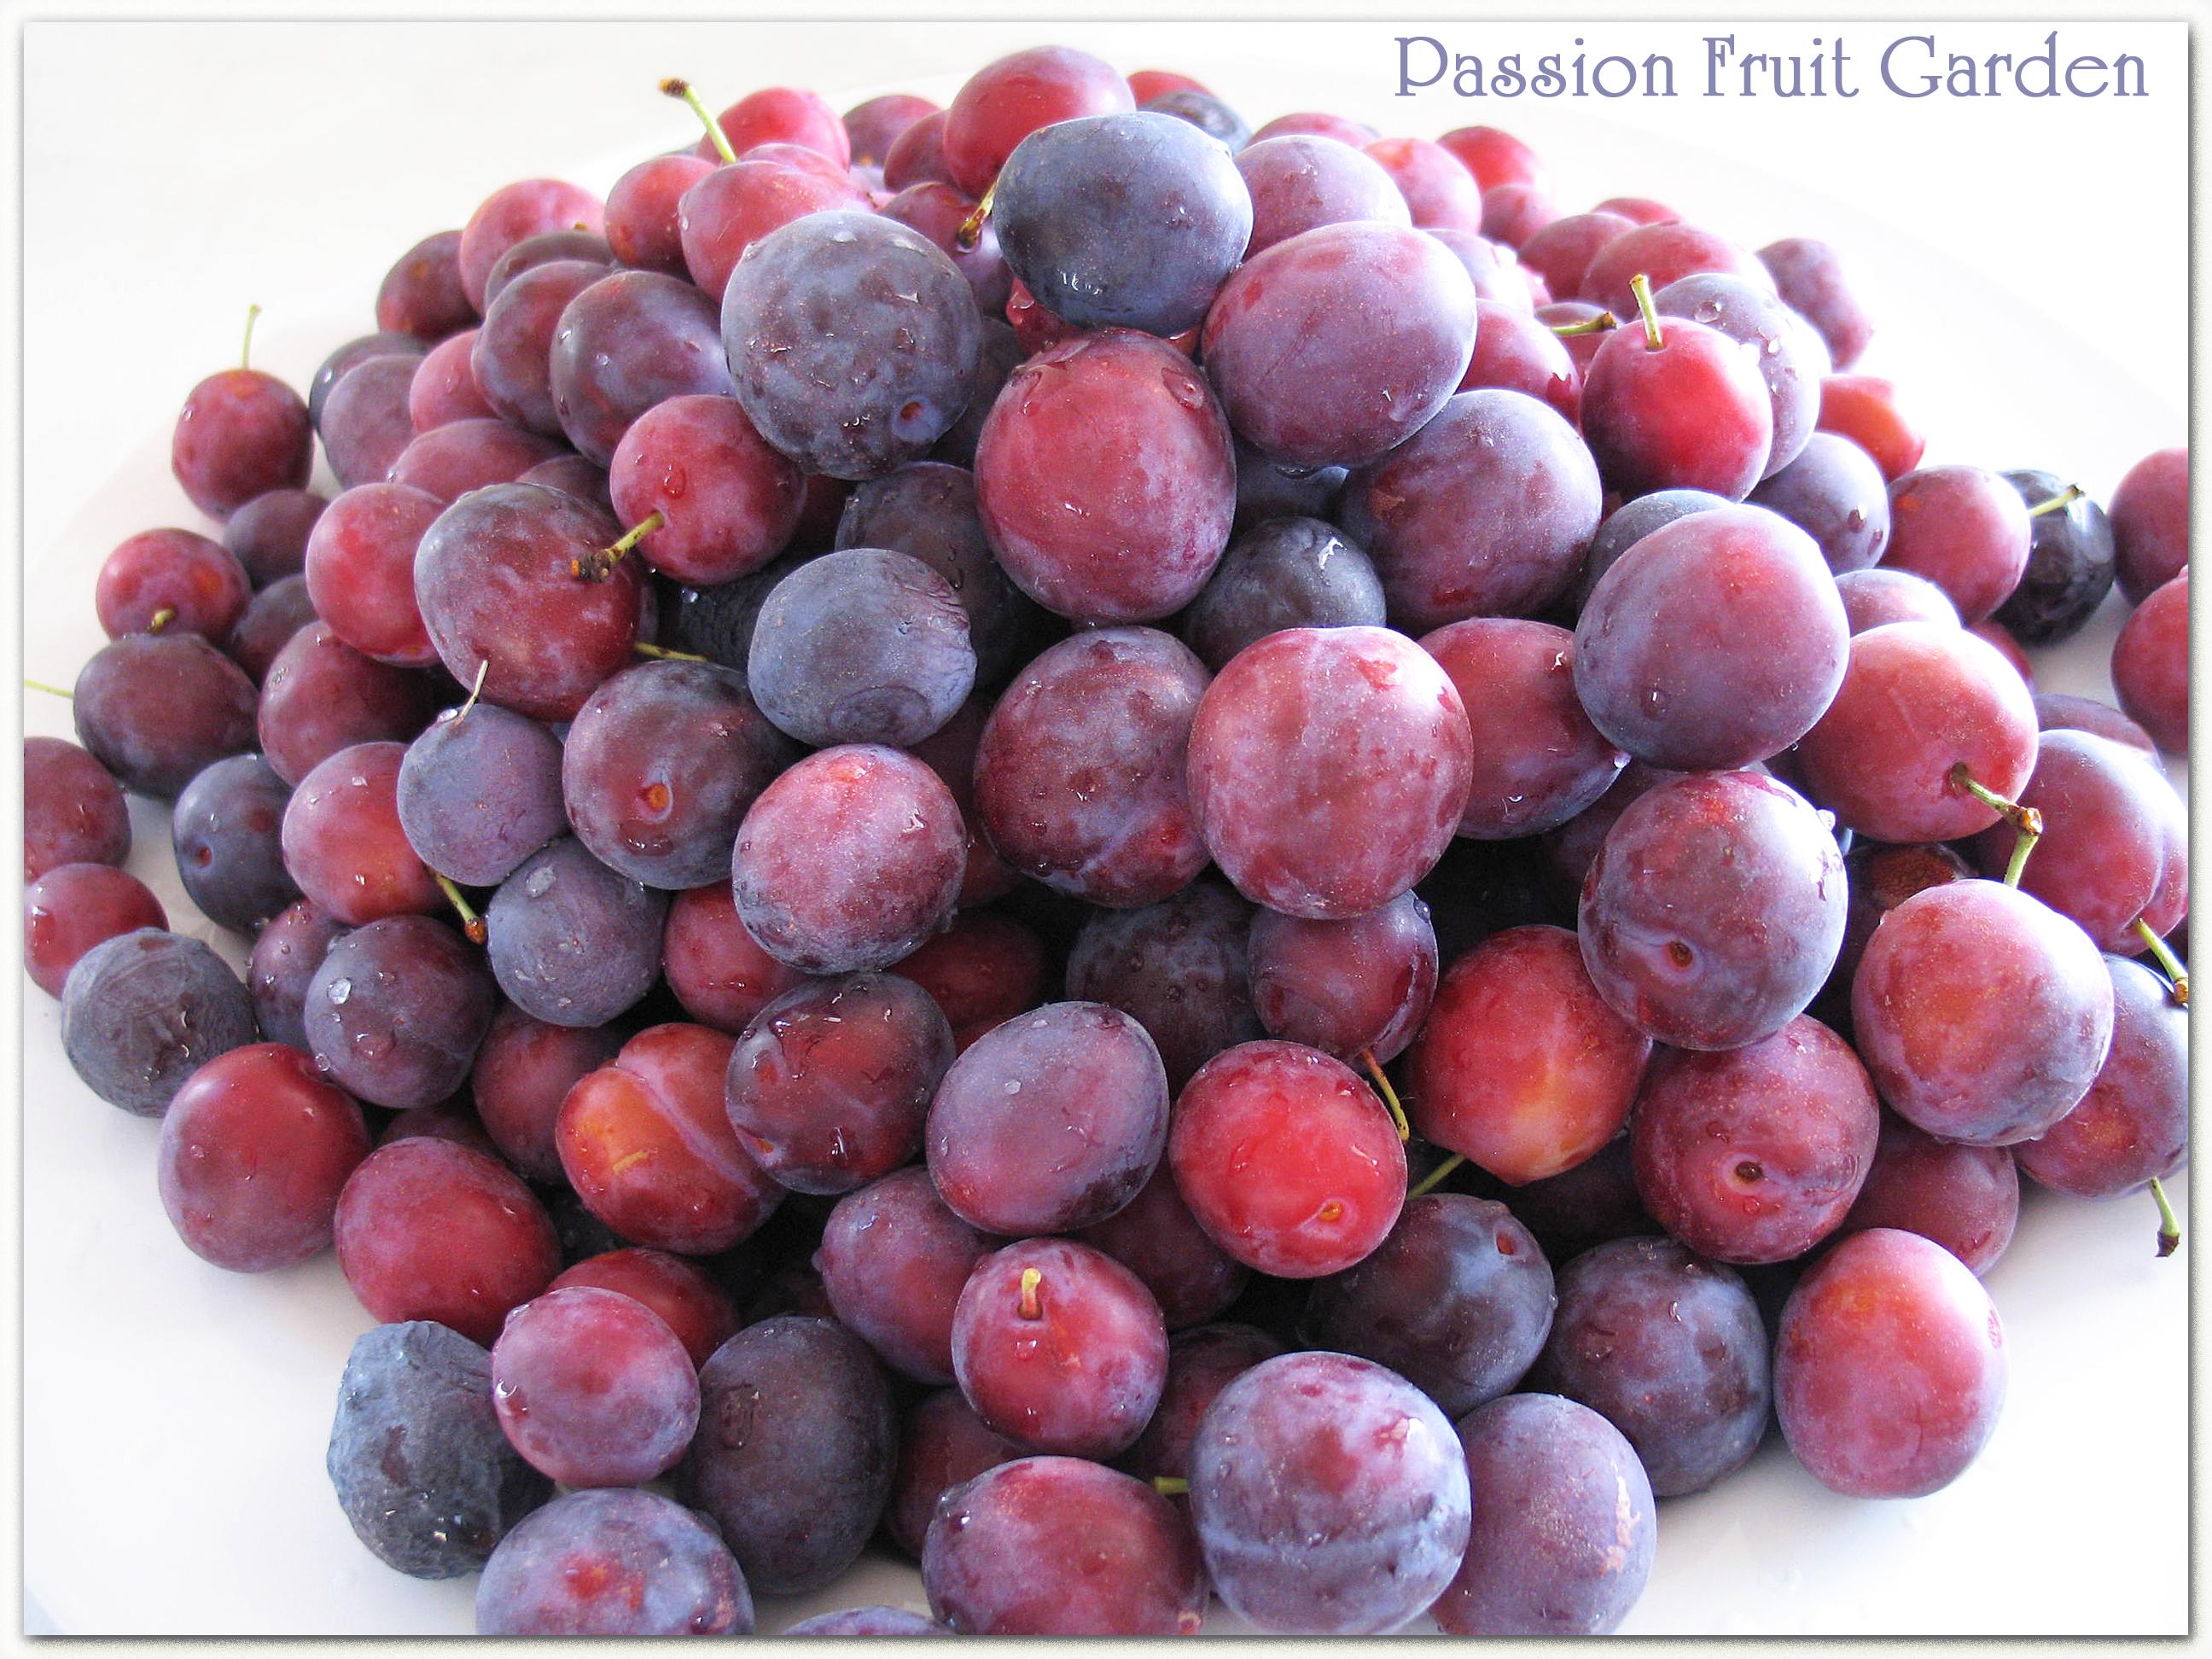 In My Kitchen March 2013 Passion Fruit Garden